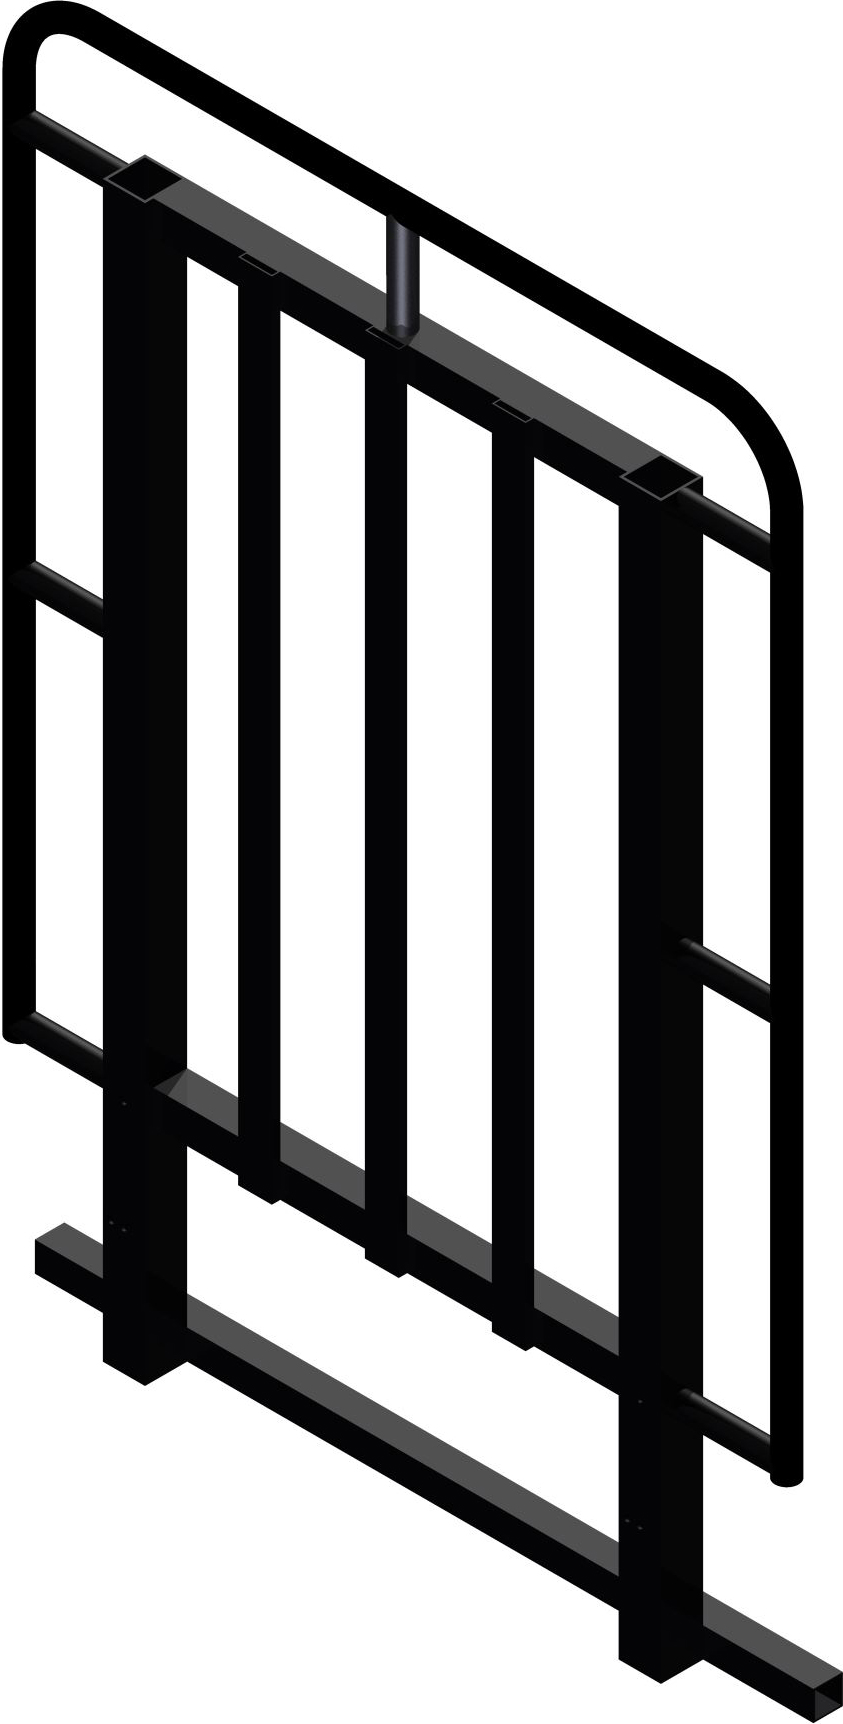 Bütec Sicherheitsgeländer Stahl 110 cm - 4 x 2 m